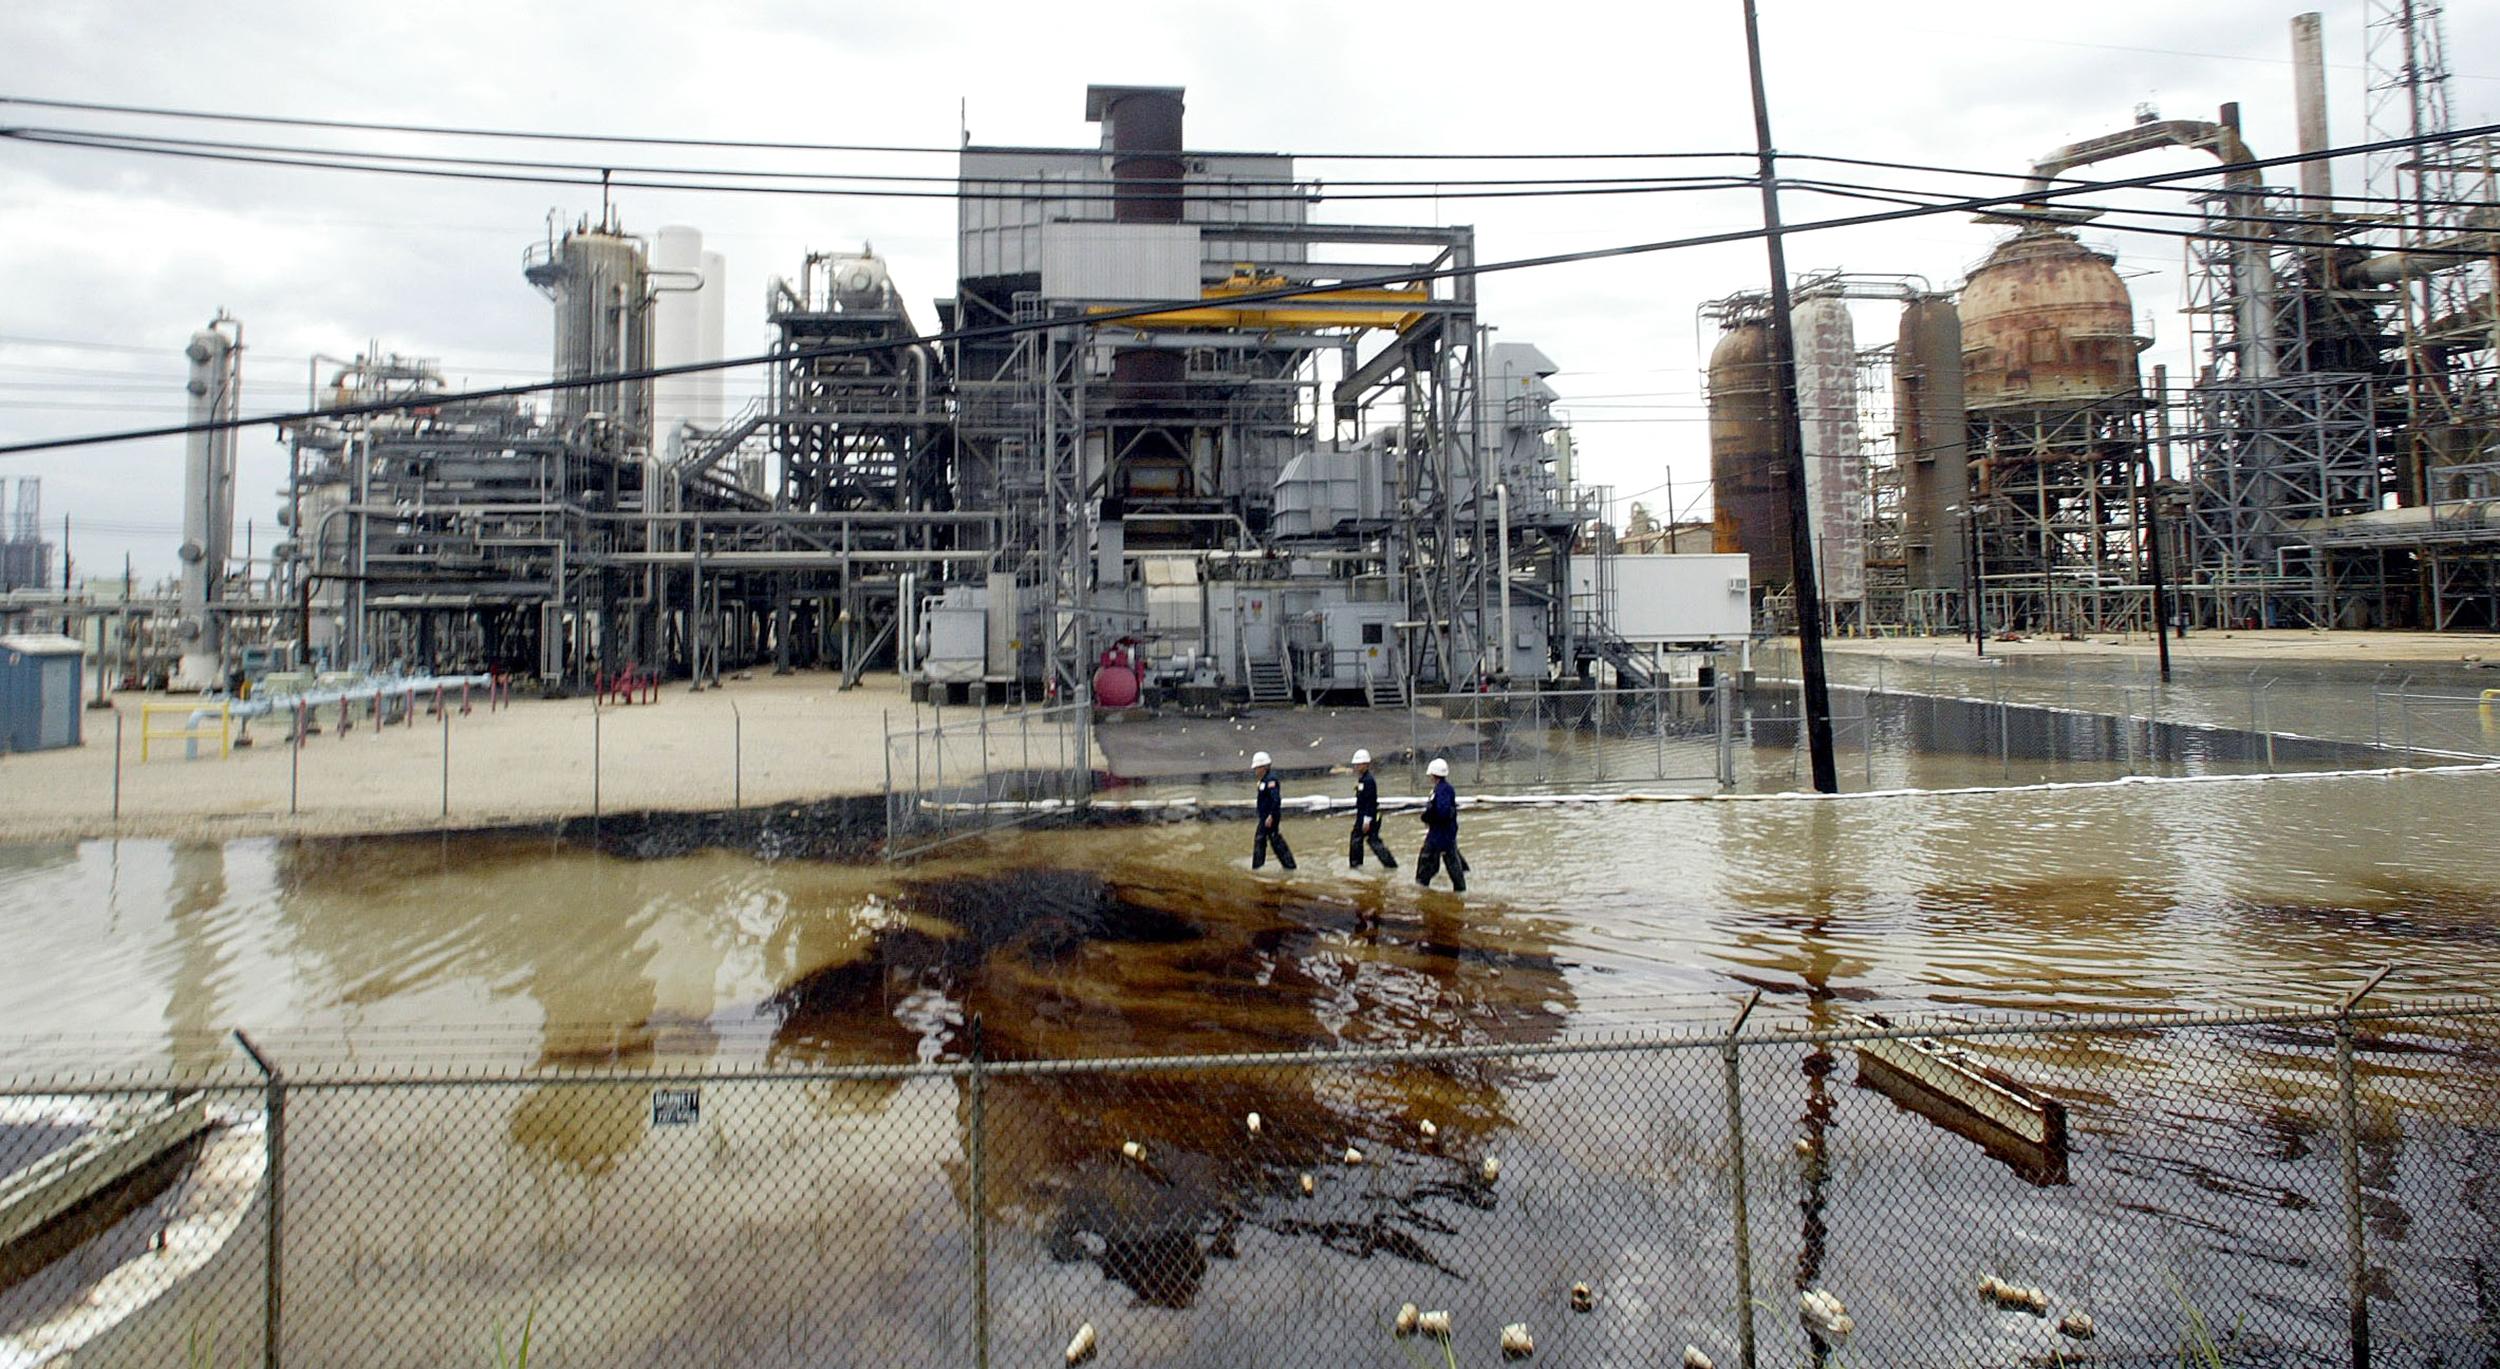 Image: Valero Oil Refinery